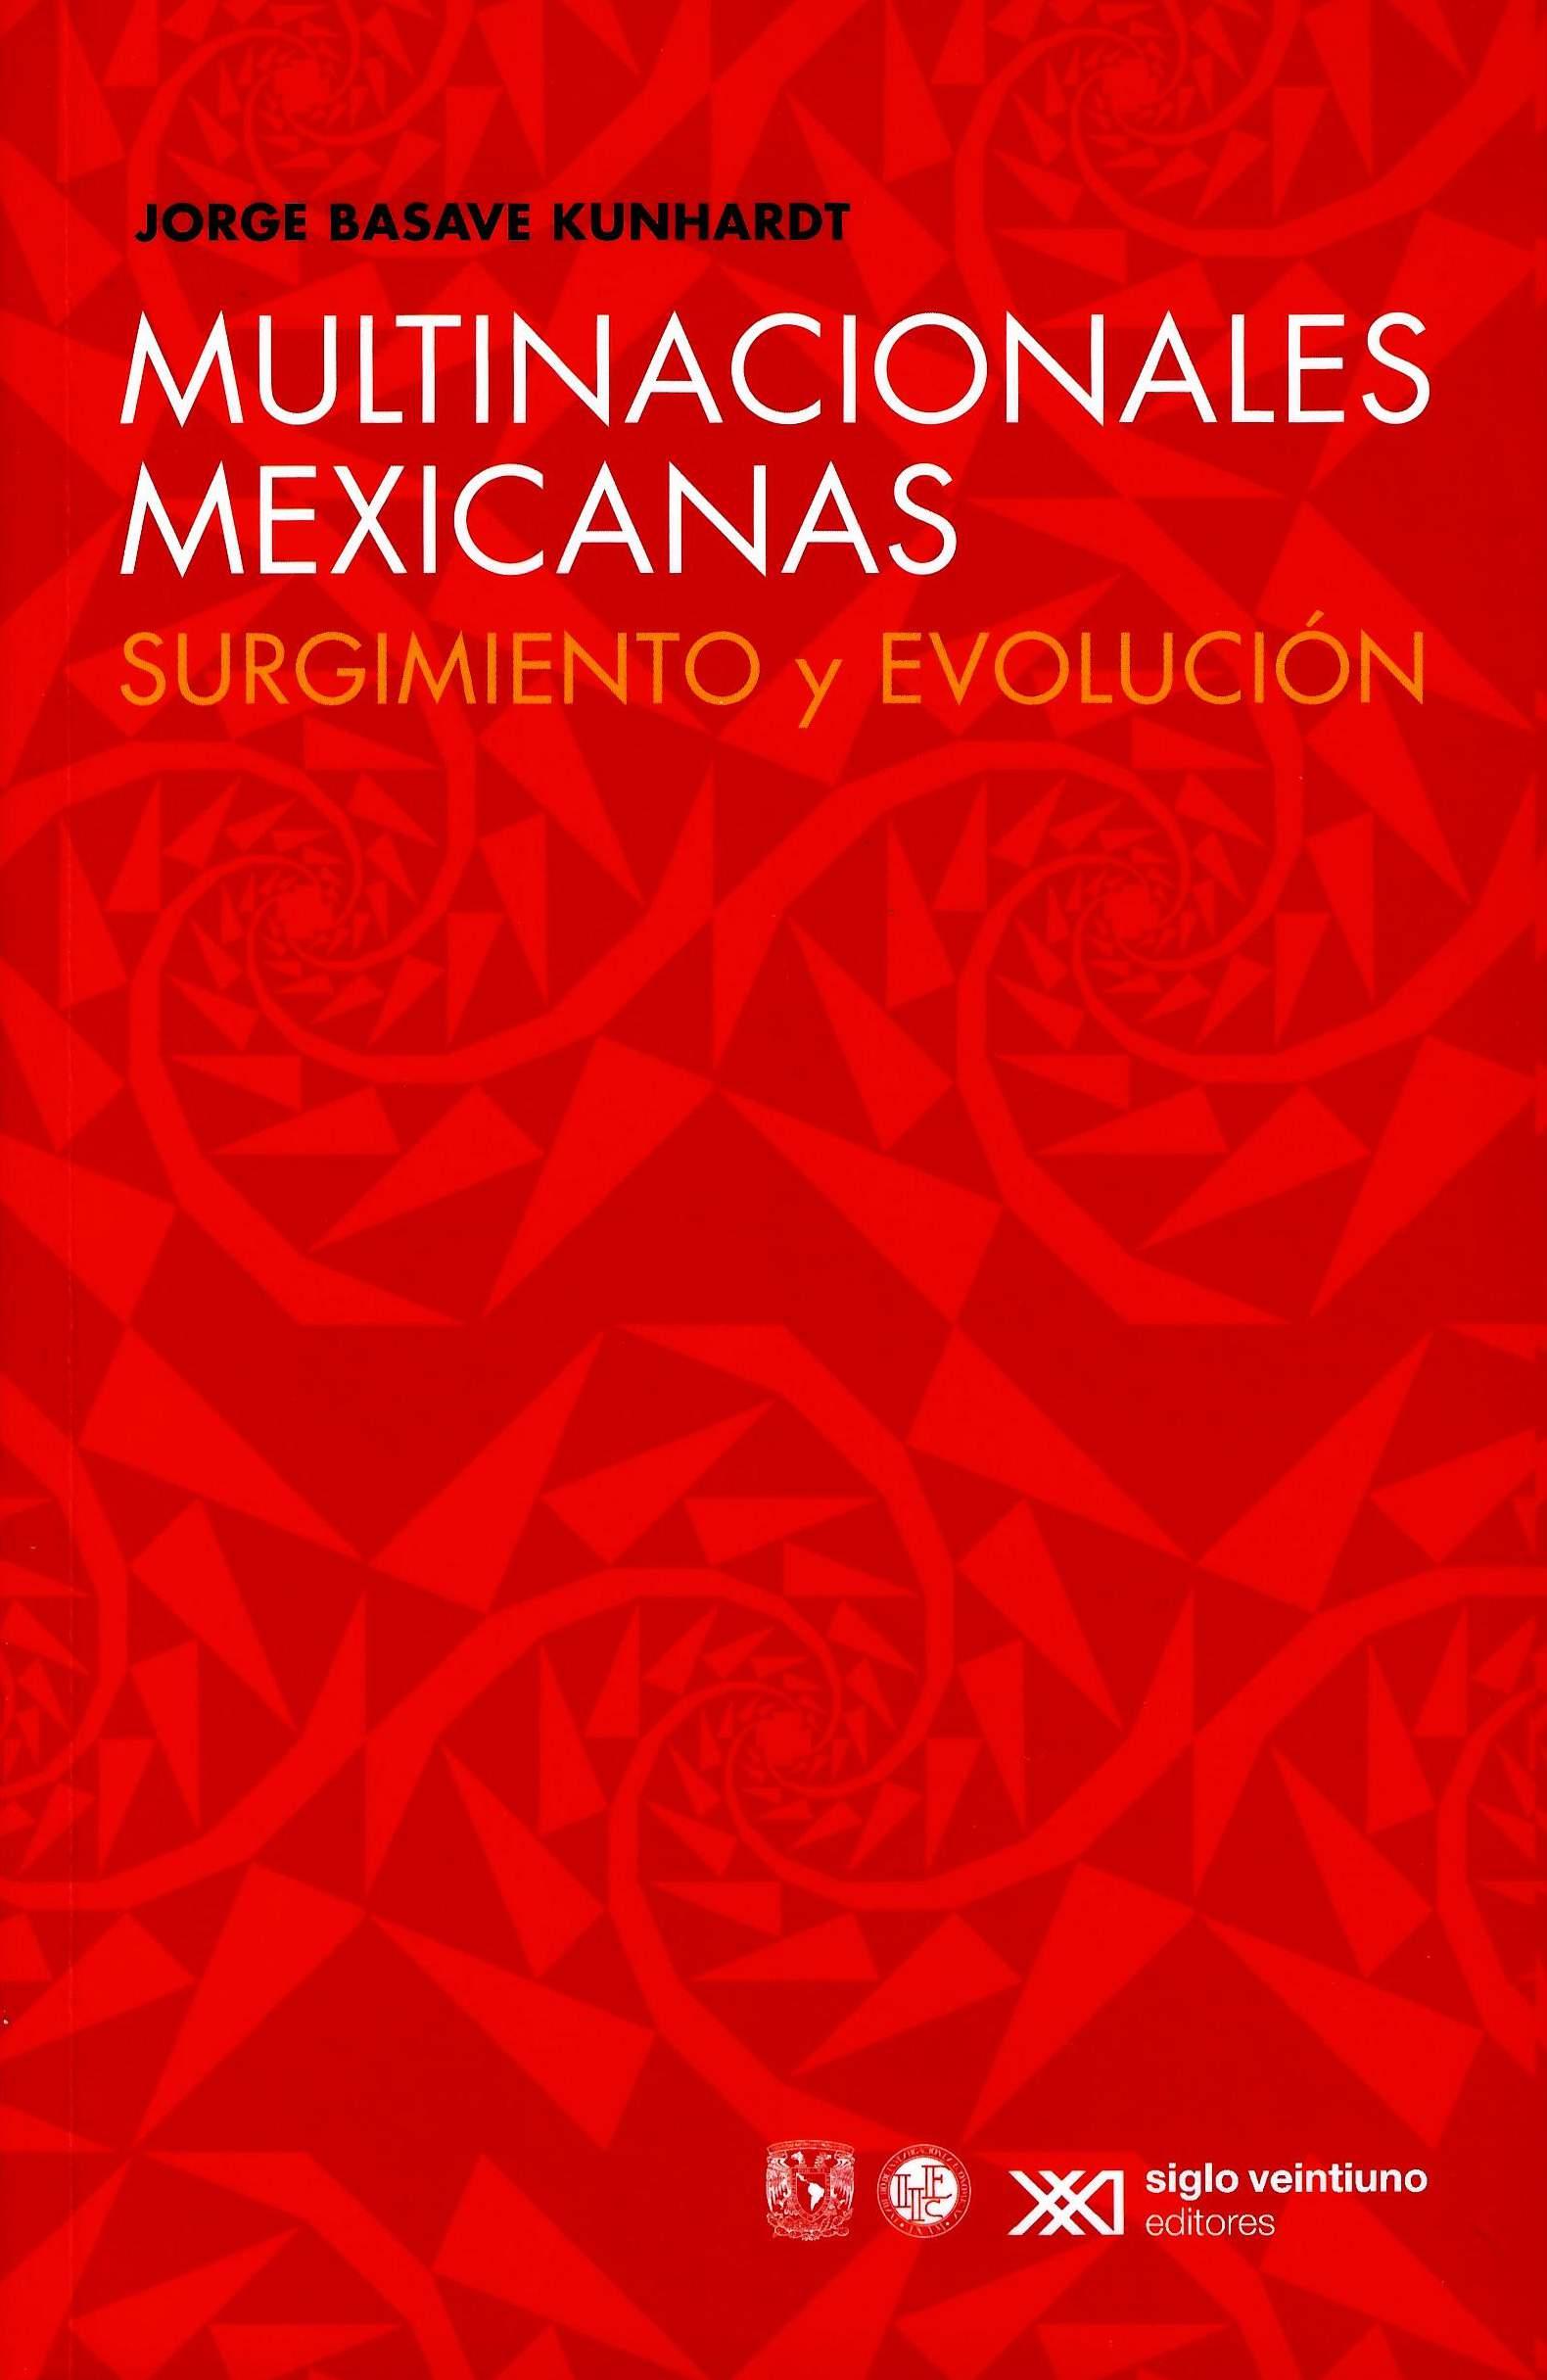 Multinacionales mexicanas: surgimiento y evolución